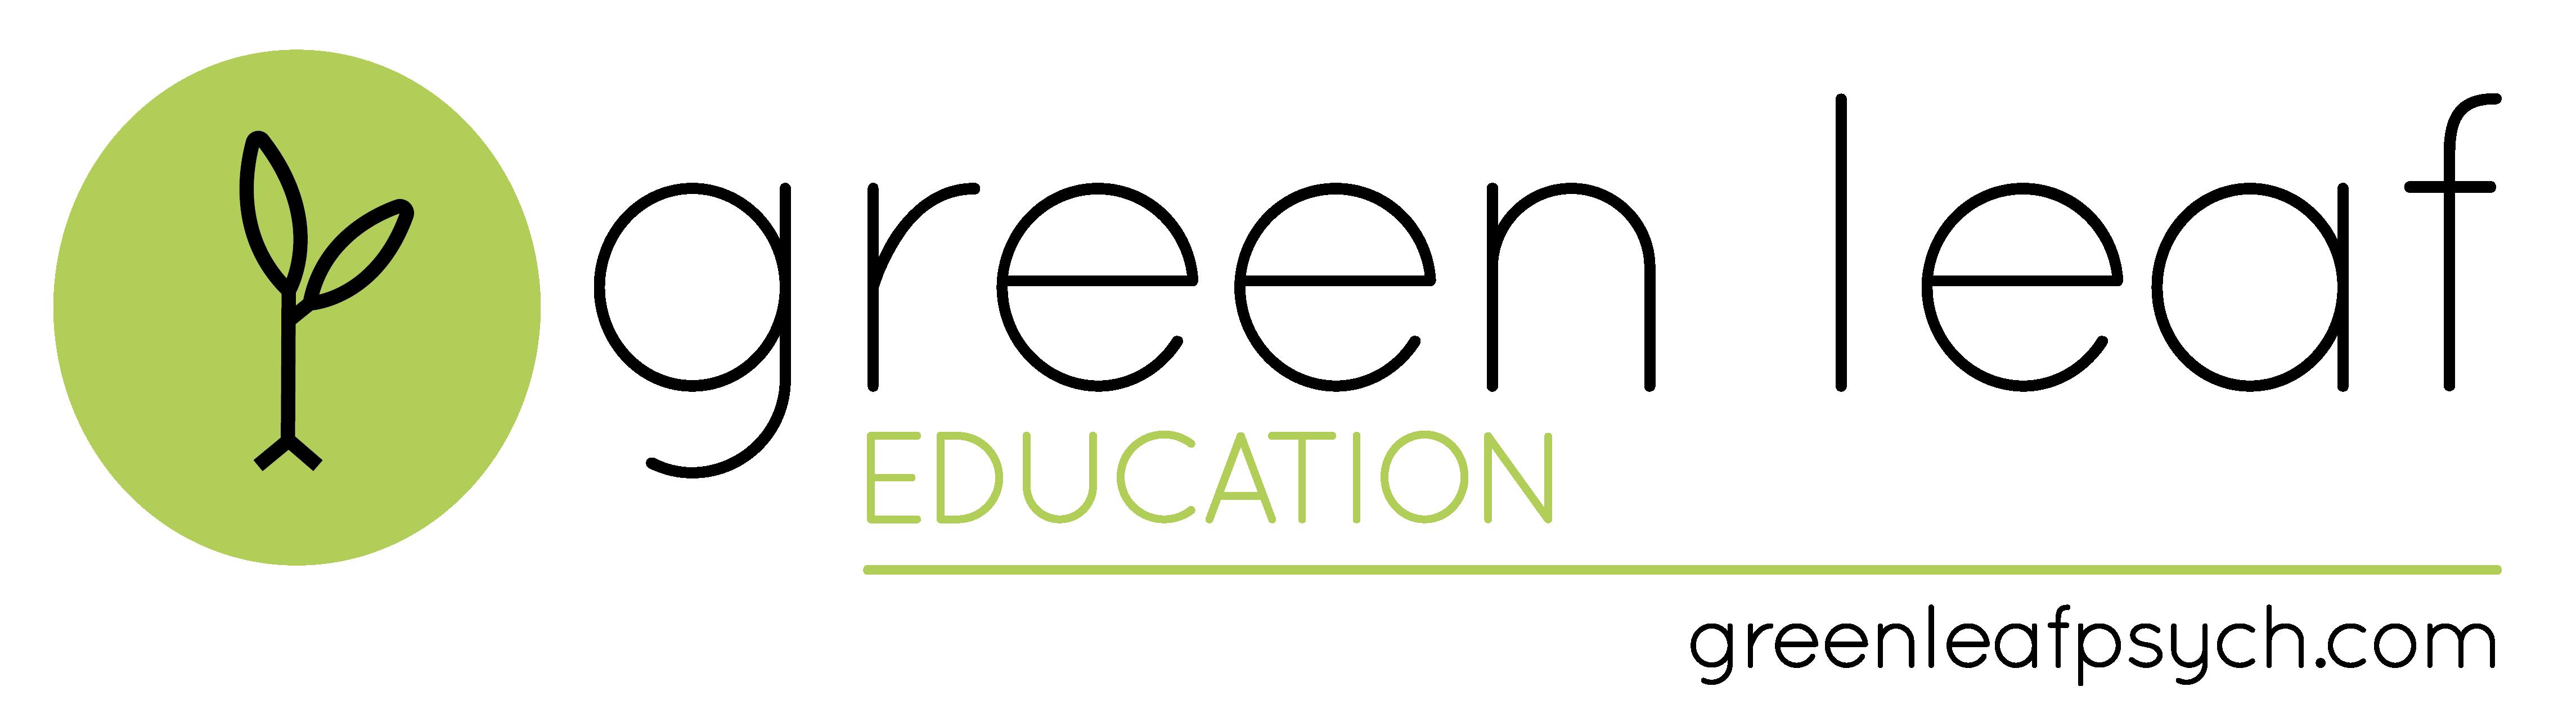 green-leaf-education-web-30-1